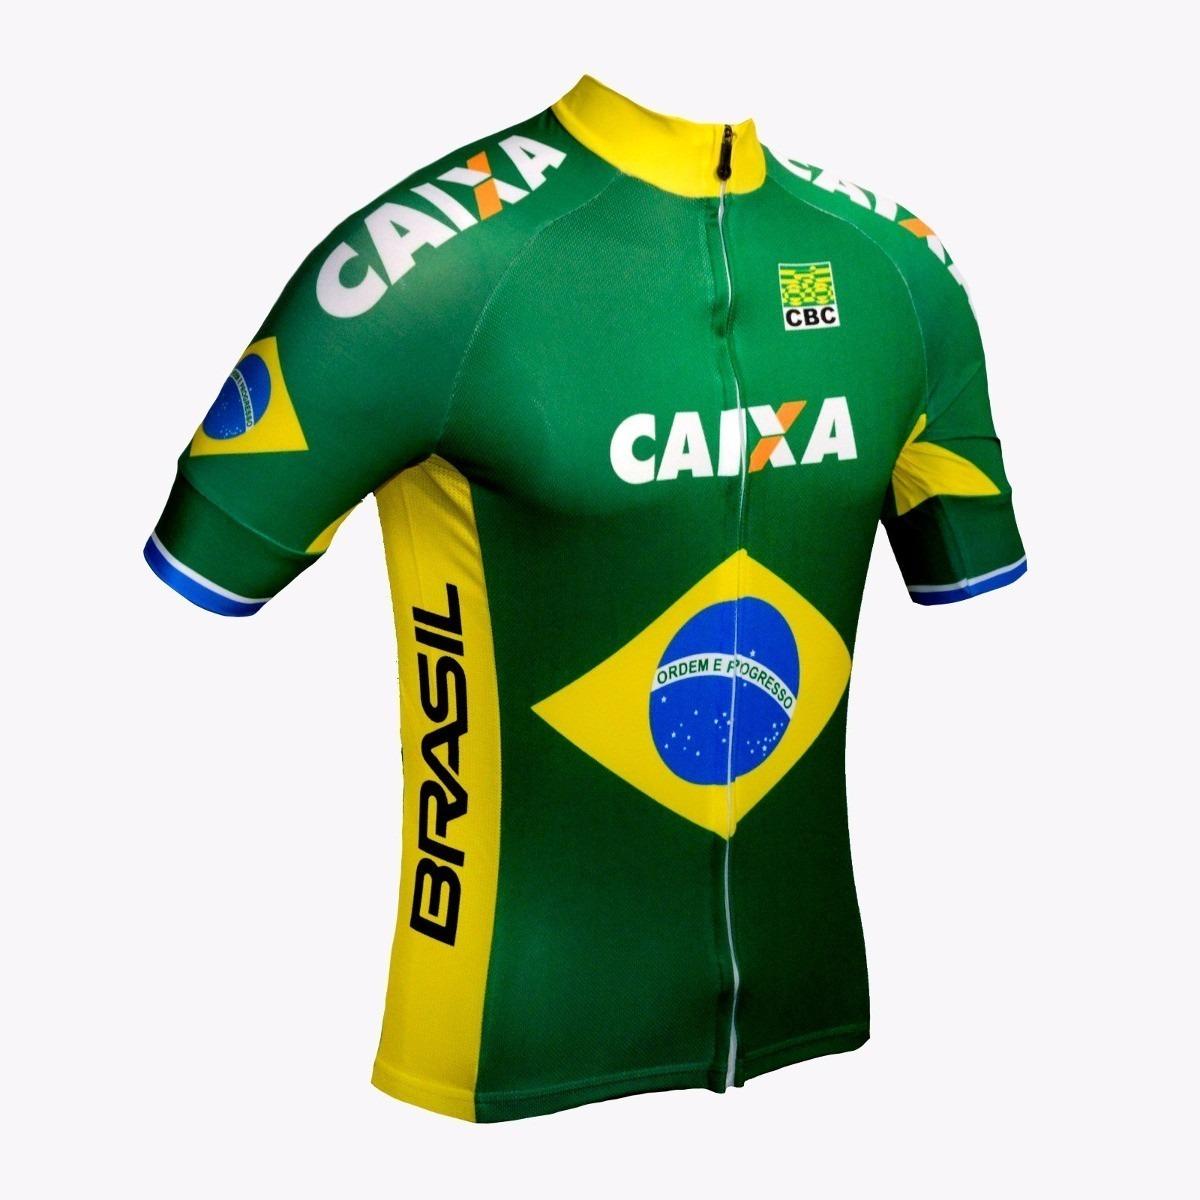 78ea080f4c Camisa Ciclismo Ert Seleção Brasil +barata +promoção-g - R  120